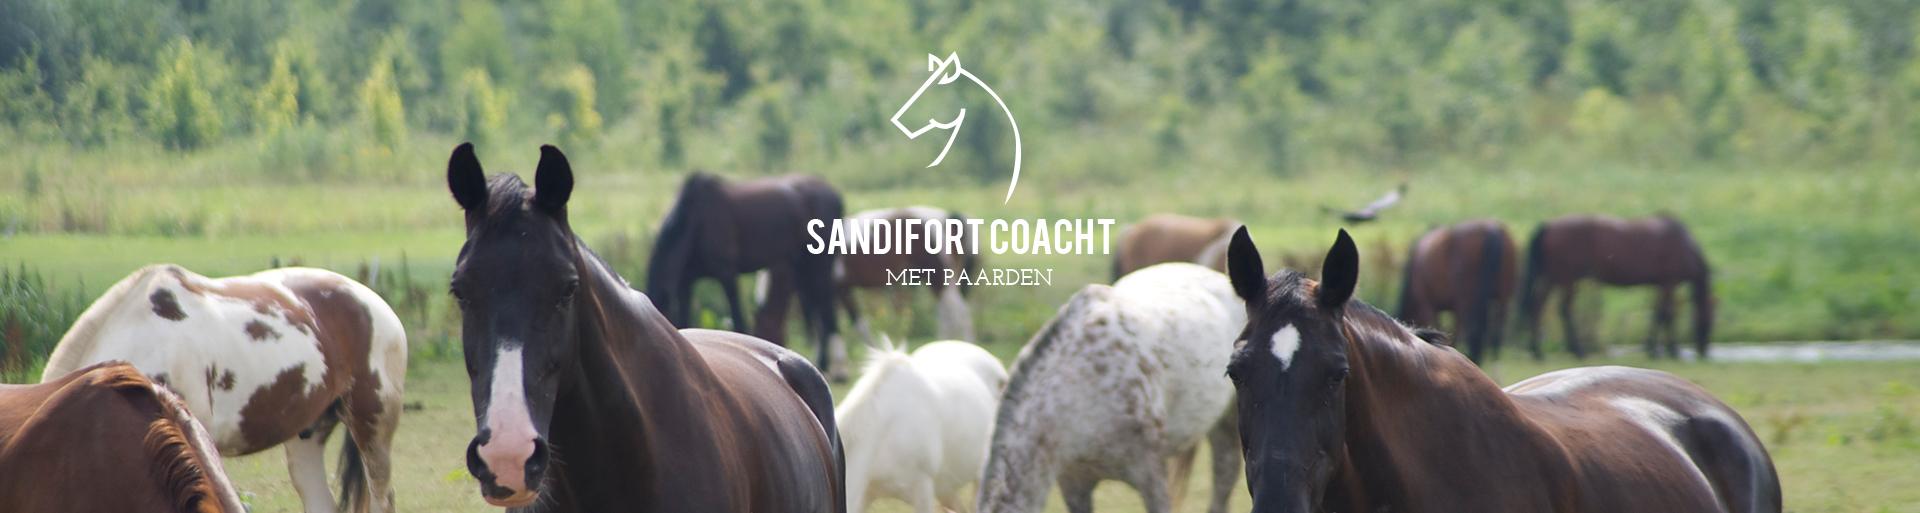 Sandifort coacht met paarden